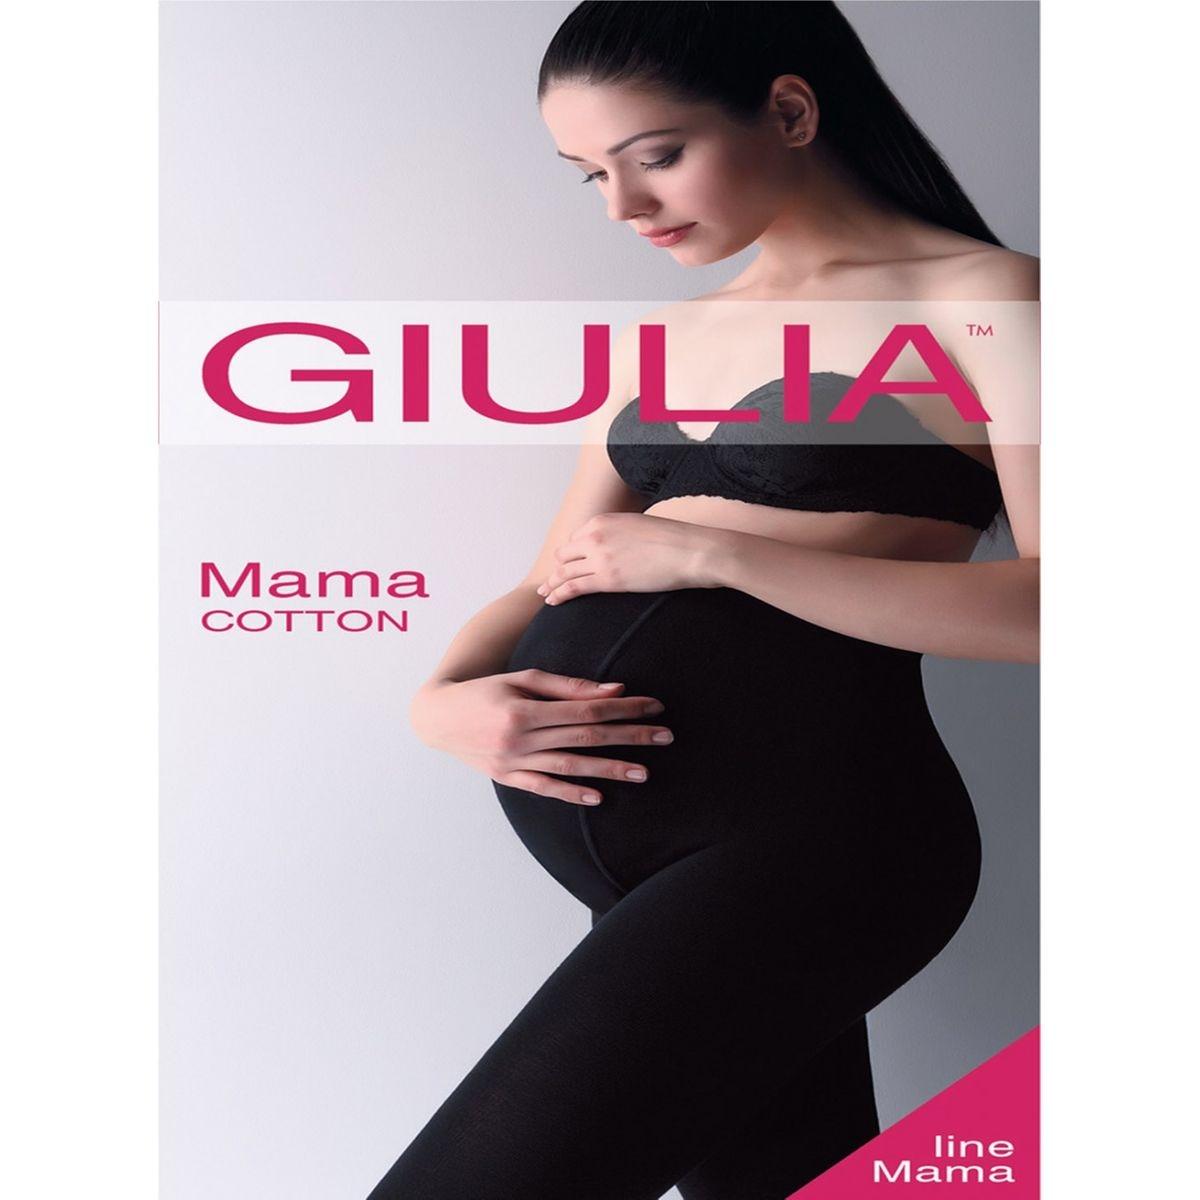 Collant Giulia Mama Cottone 200D